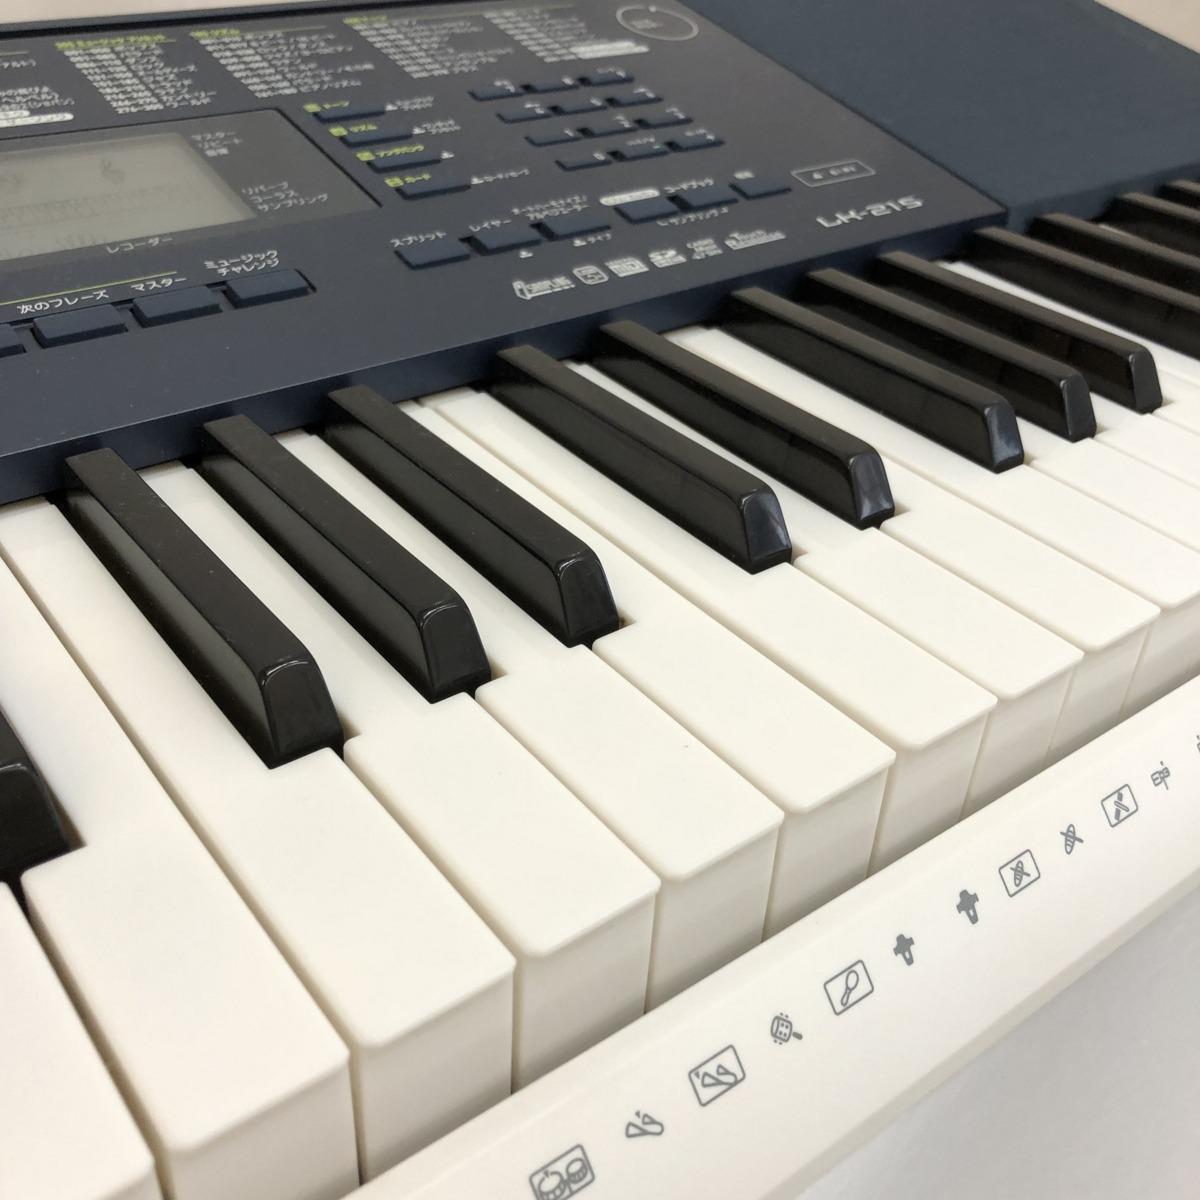 中古 CASIO カシオ 電子キーボード LK-215 光ナビゲーション タッチレスポンス 61鍵盤 ホワイト ネイビー 鍵盤楽器 電子ピアノ H15254_画像7